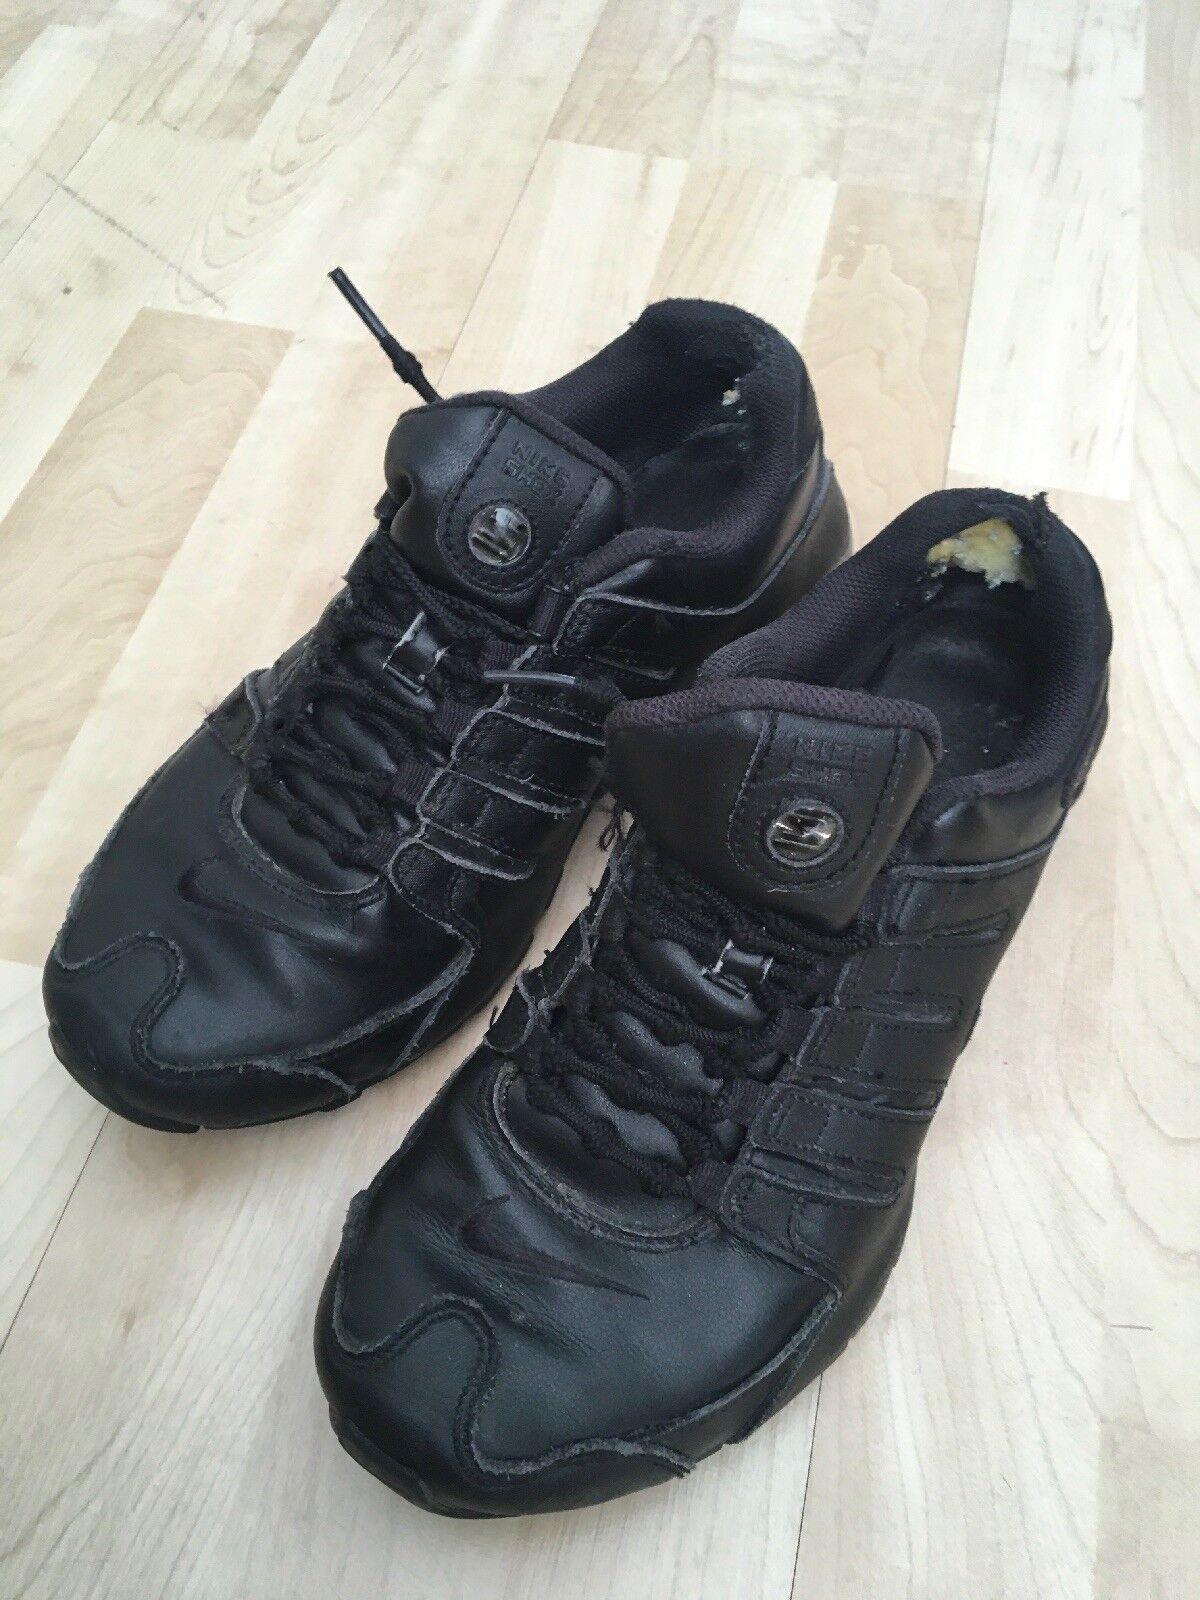 Billig gute Qualität 8,5 Nike Shox 8,5 Qualität 42 cbdc80